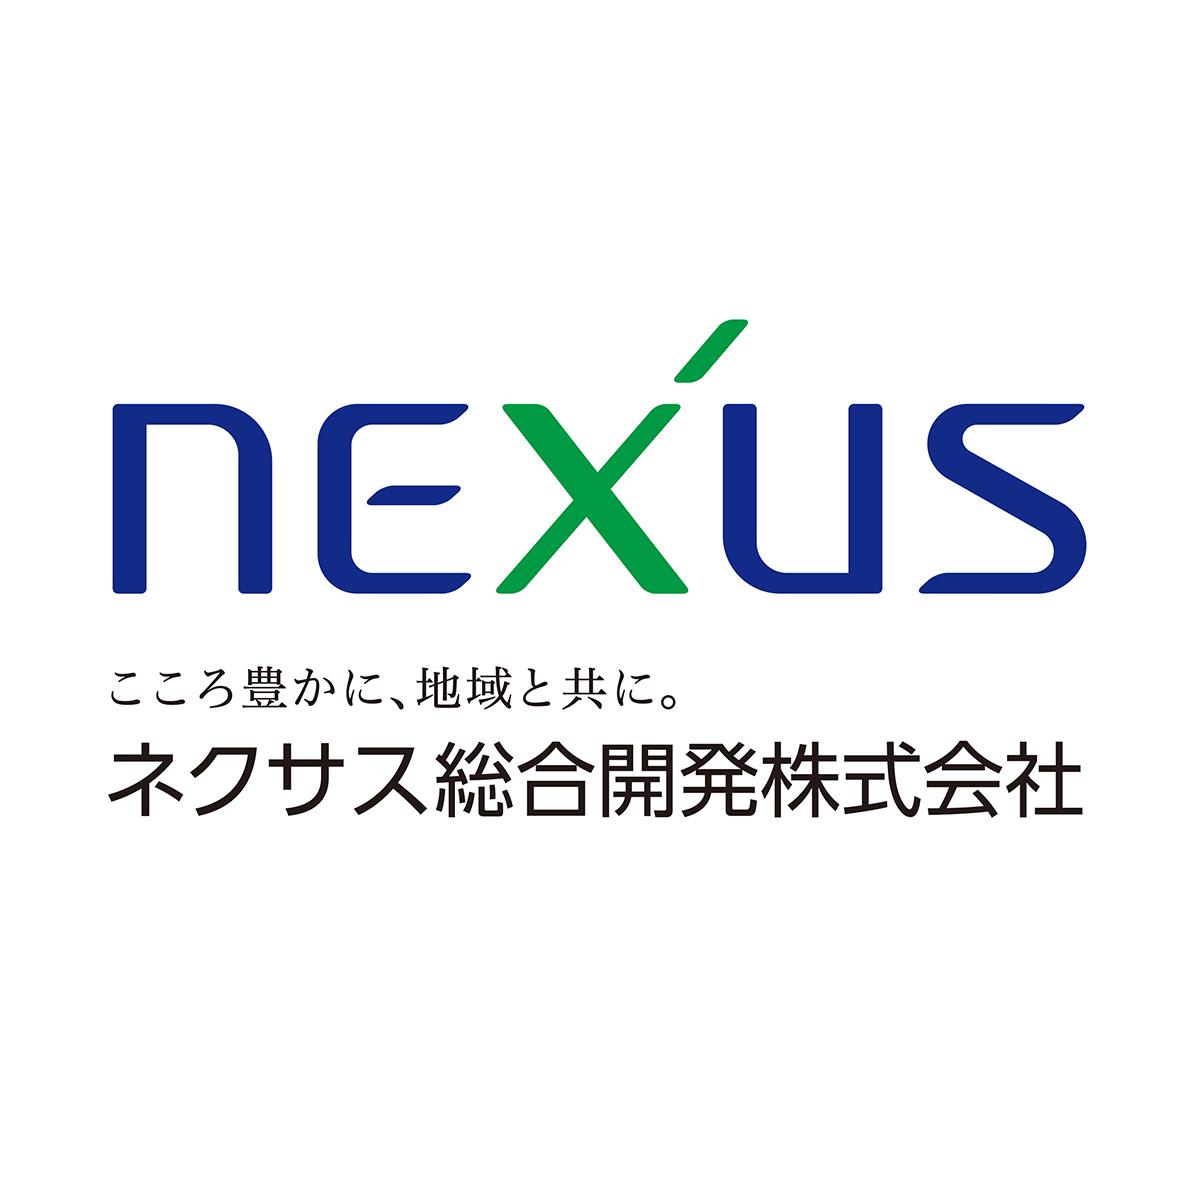 ネクサス総合開発株式会社 ロゴマーク